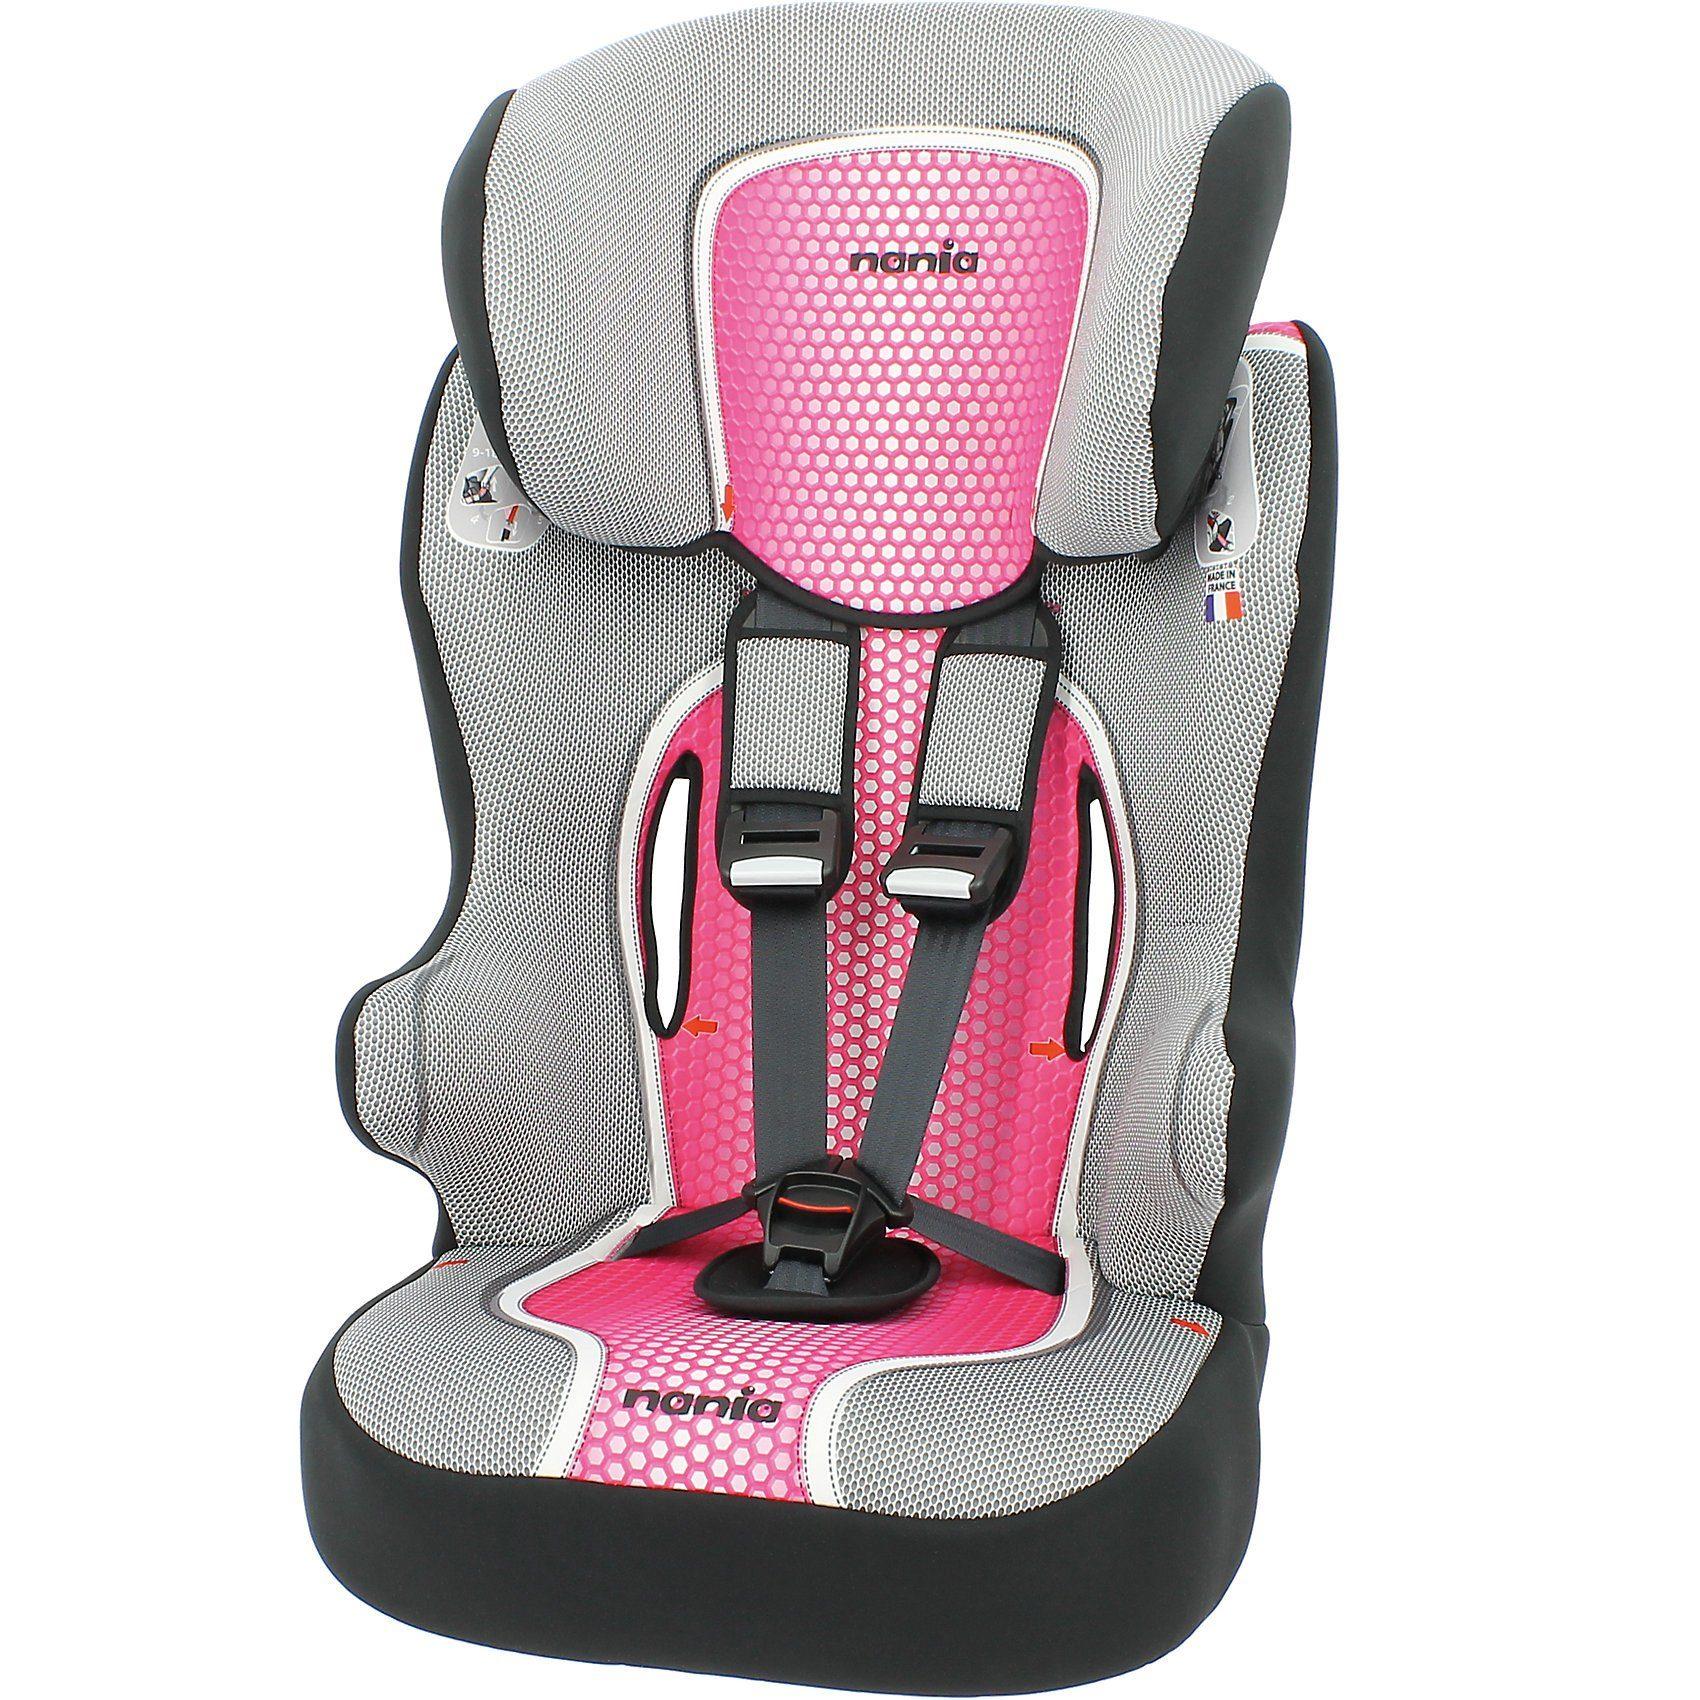 Osann Auto-Kindersitz Racer SP, Pop Pink, 2017